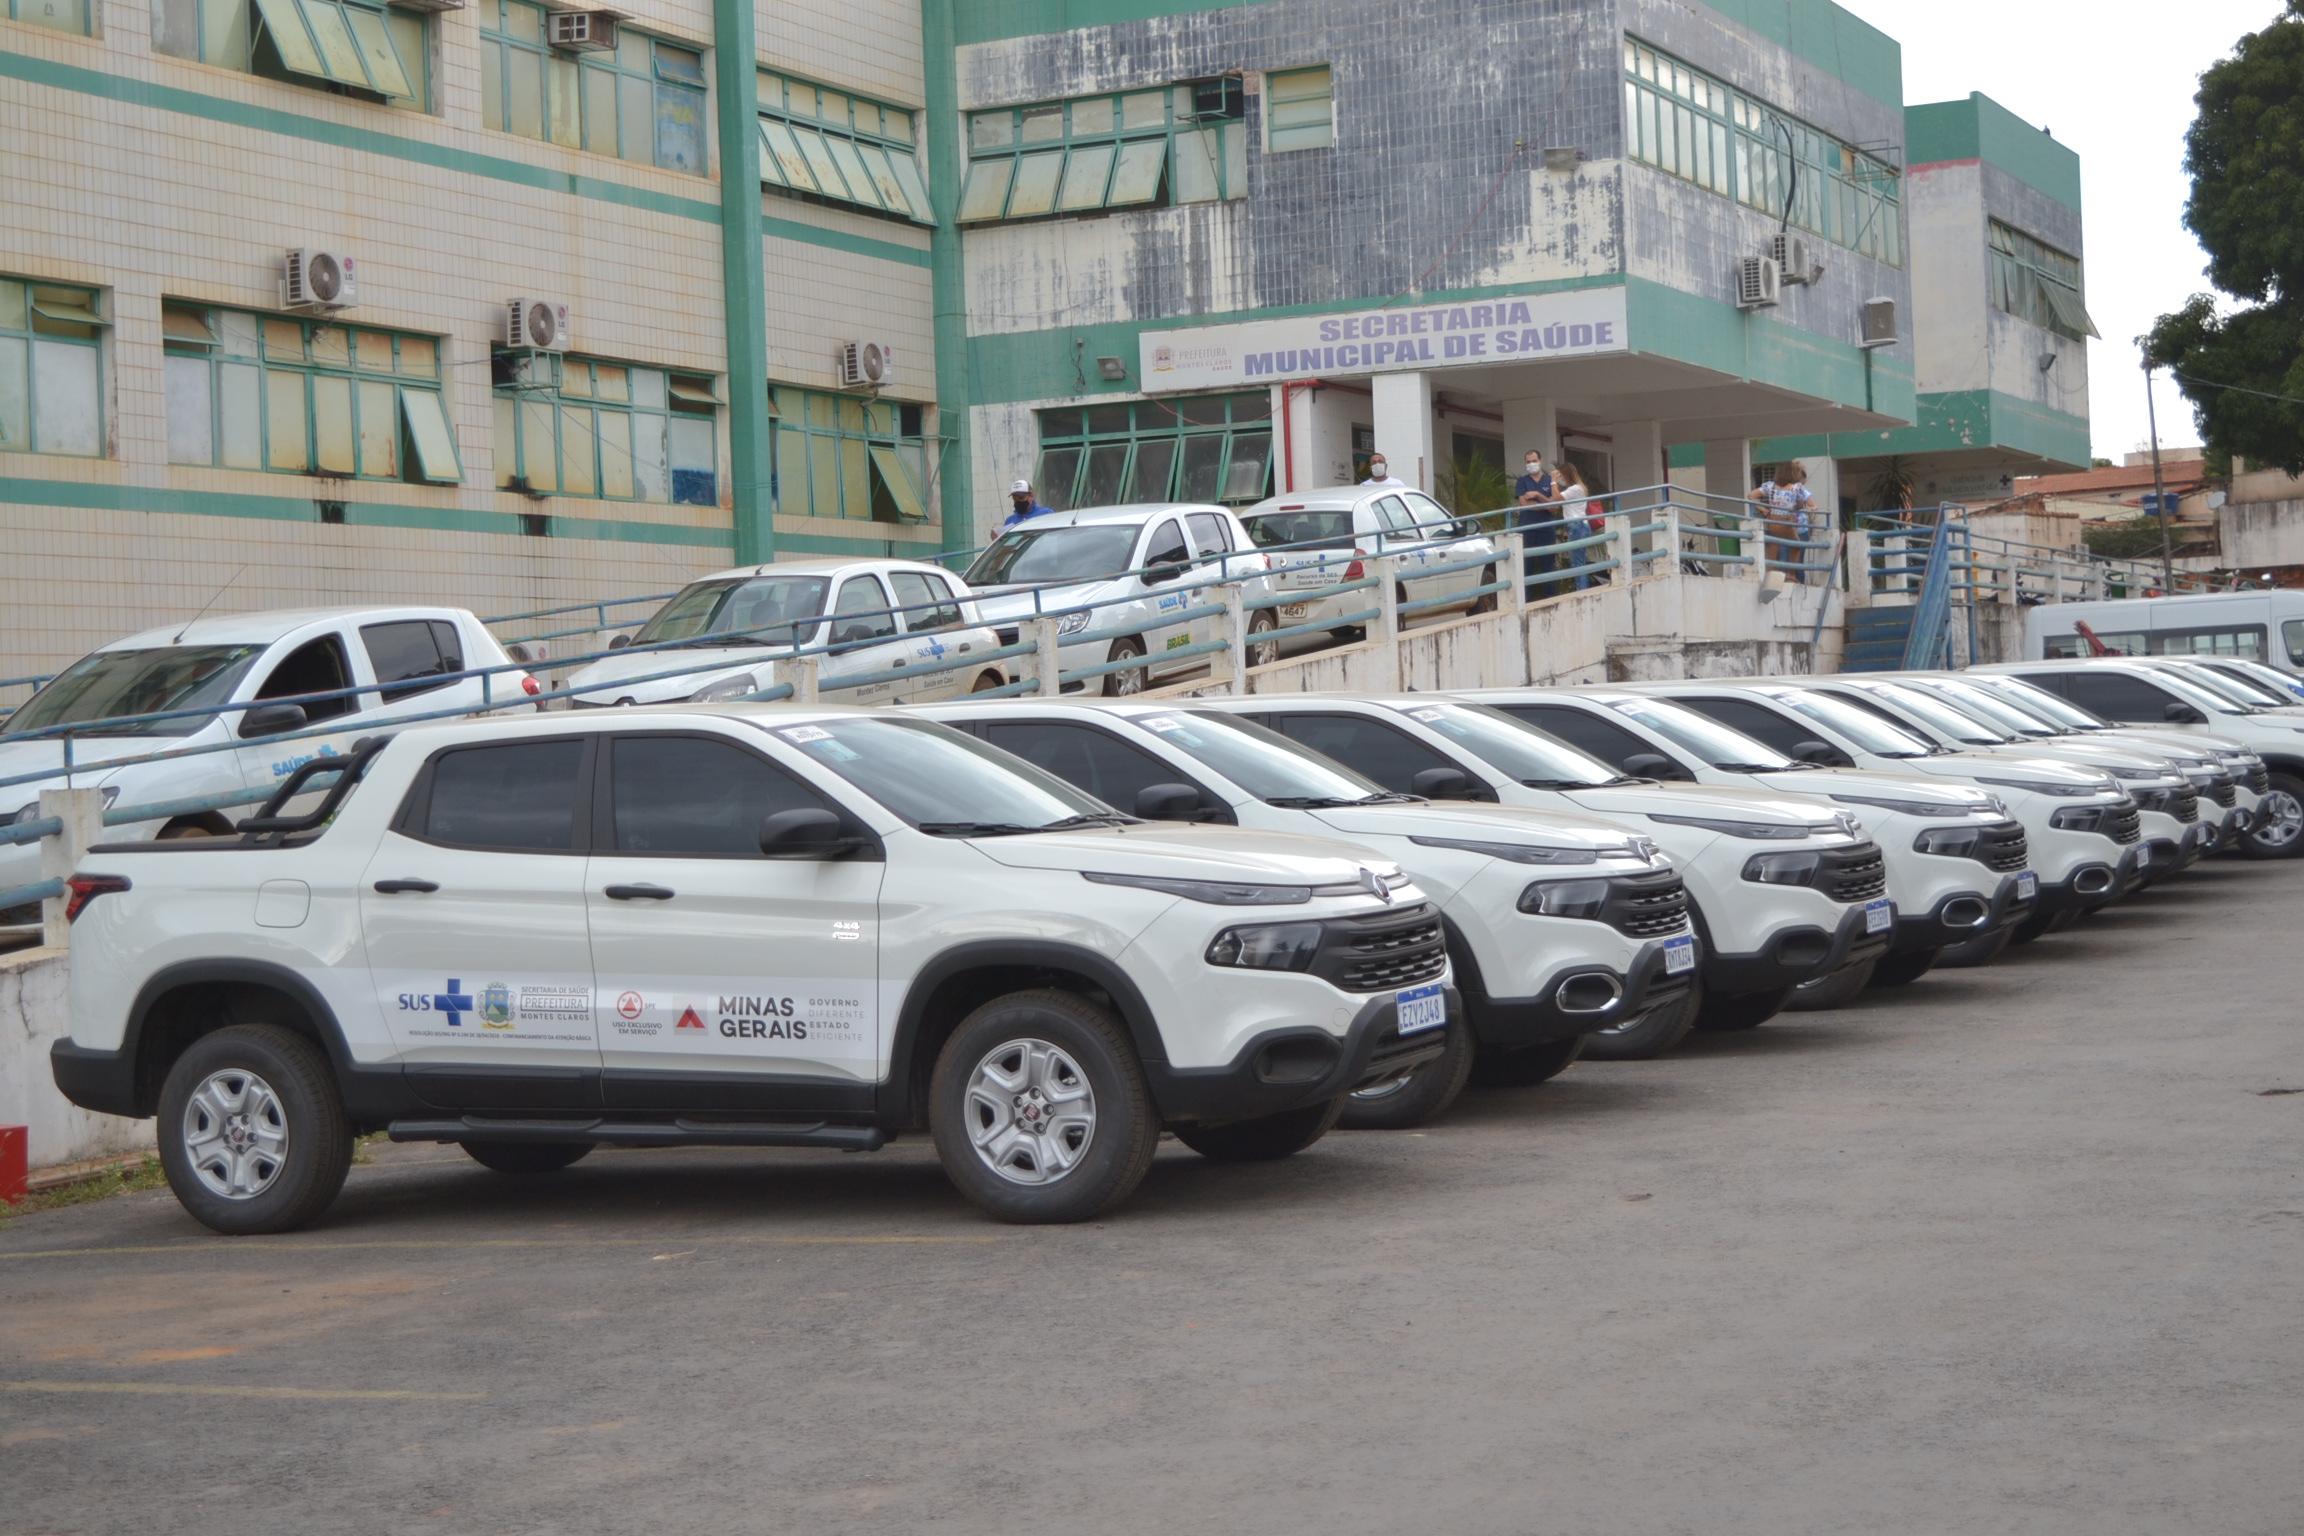 Imagem de destaque SAÚDE DO HOMEM DO CAMPO - Prefeitura adquire novos veículos para ampliar atendimentos na zona rural